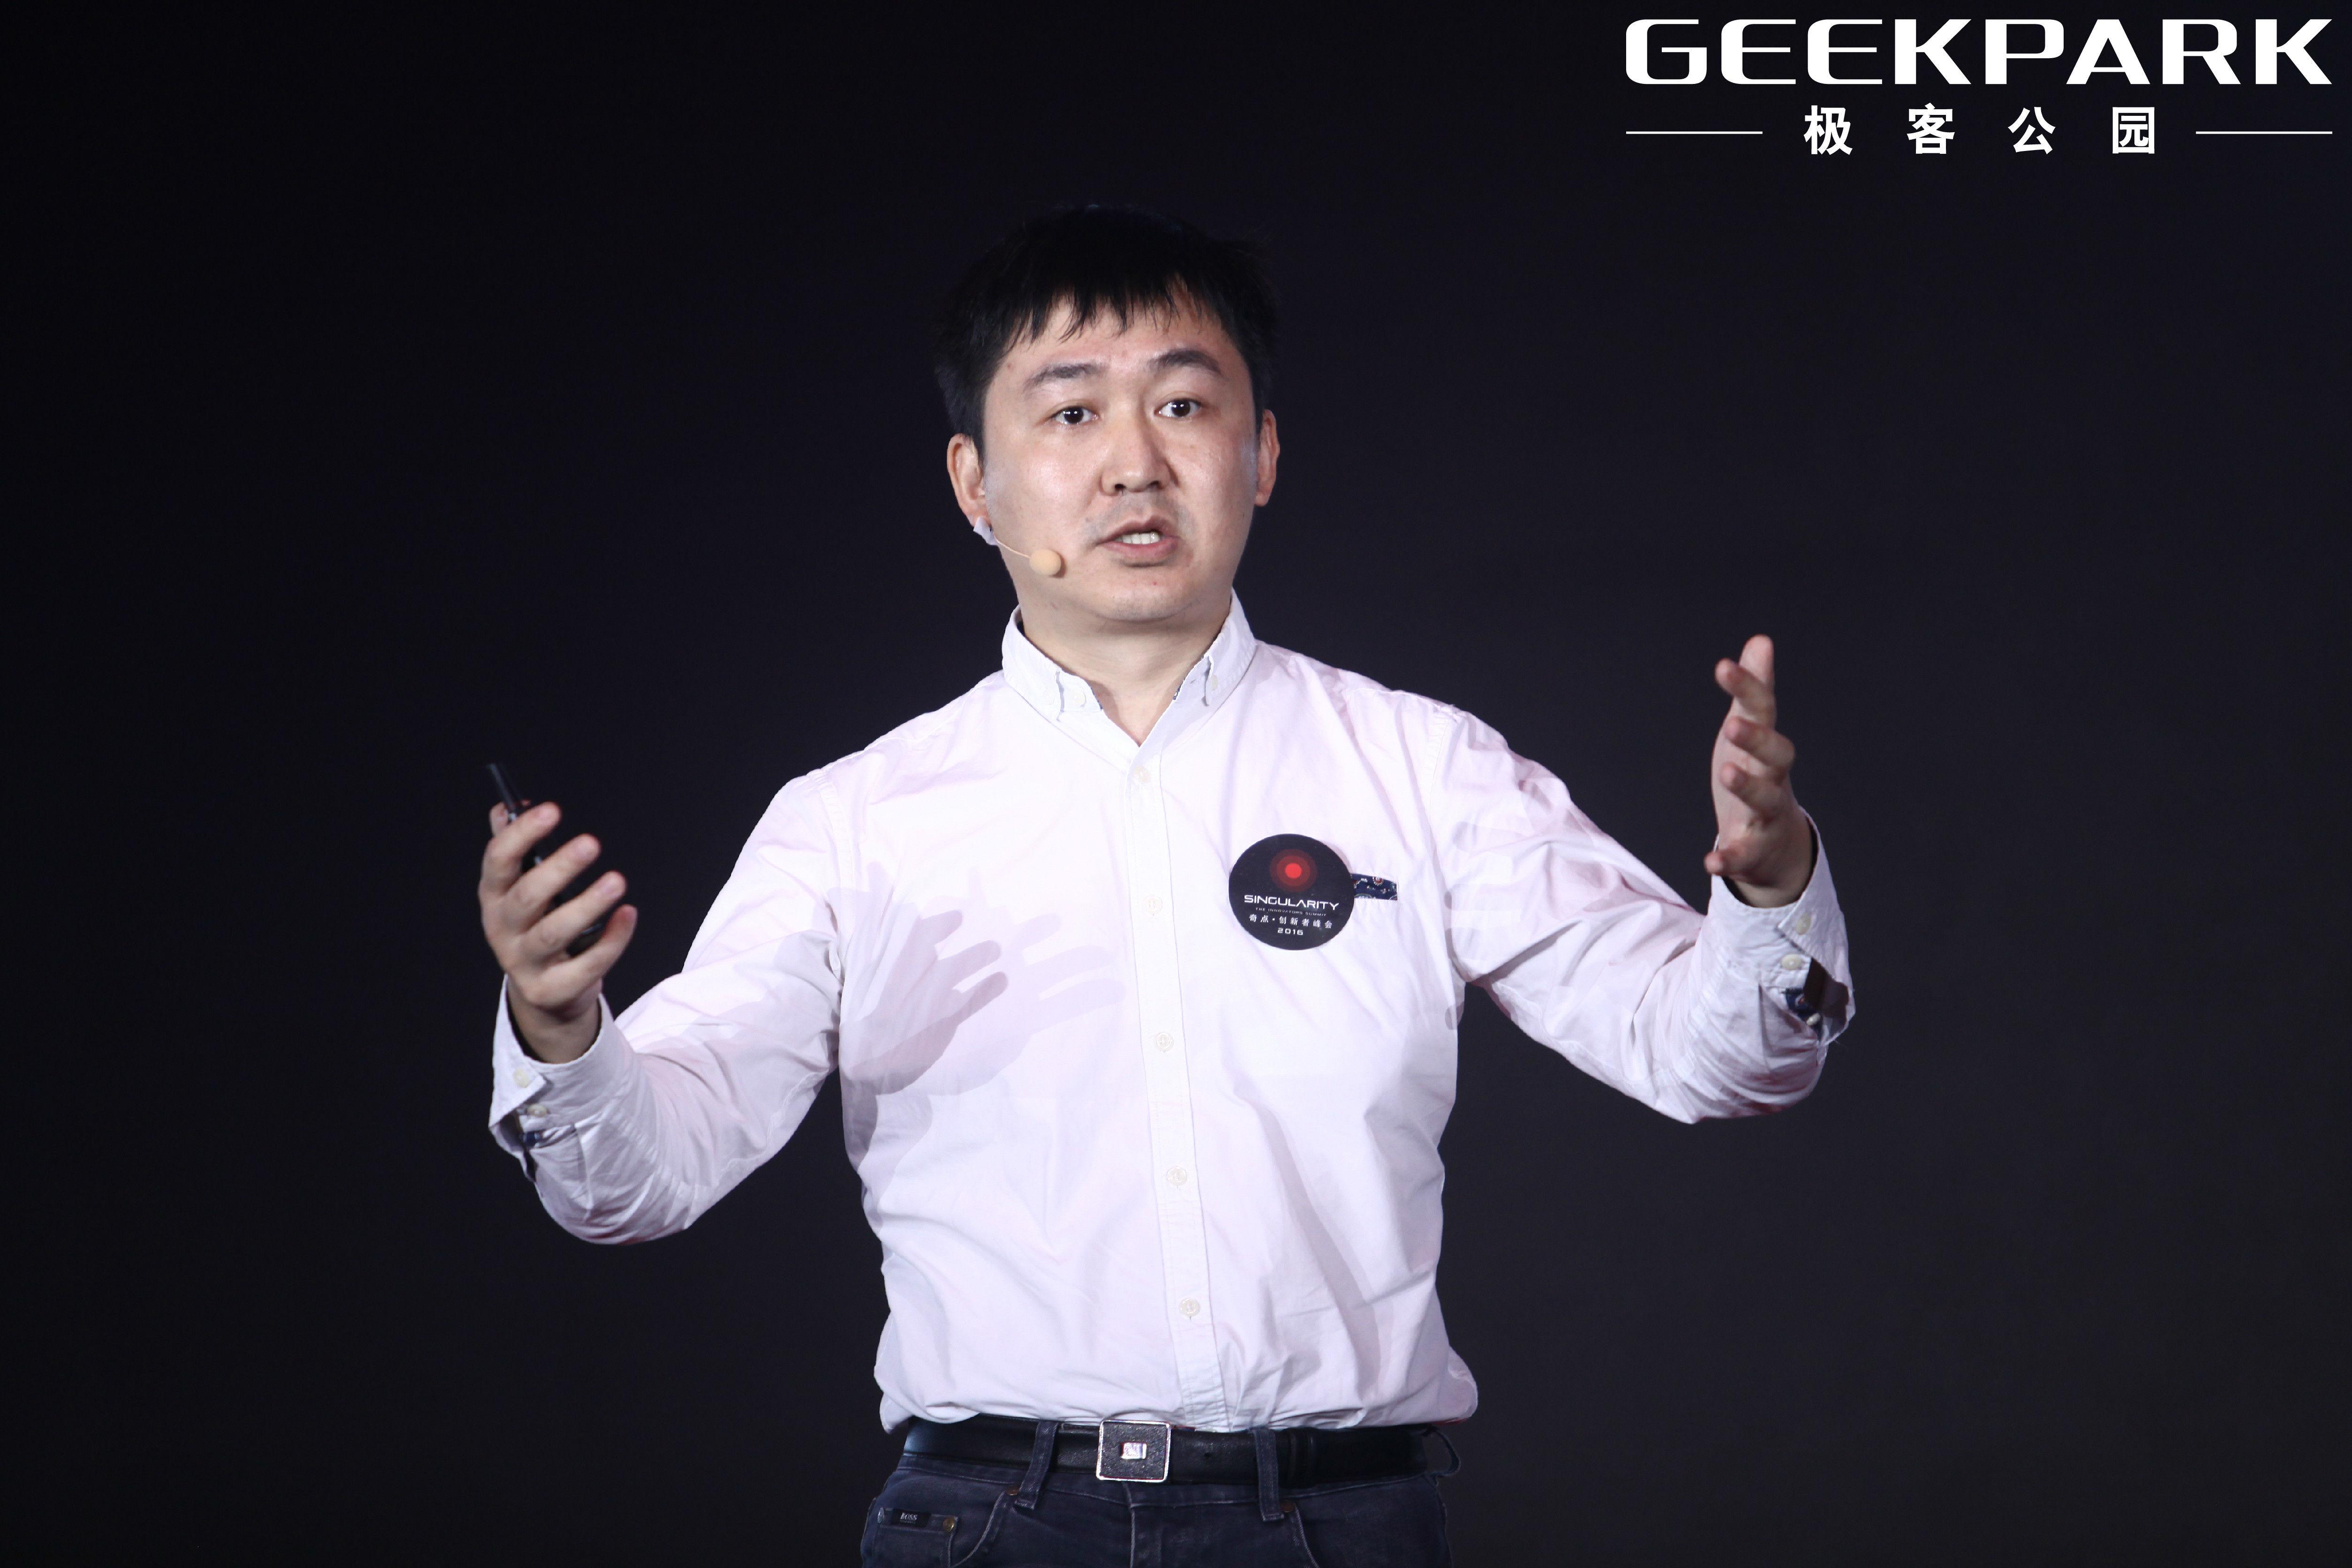 王小川:我们该用 AI 创造什么?